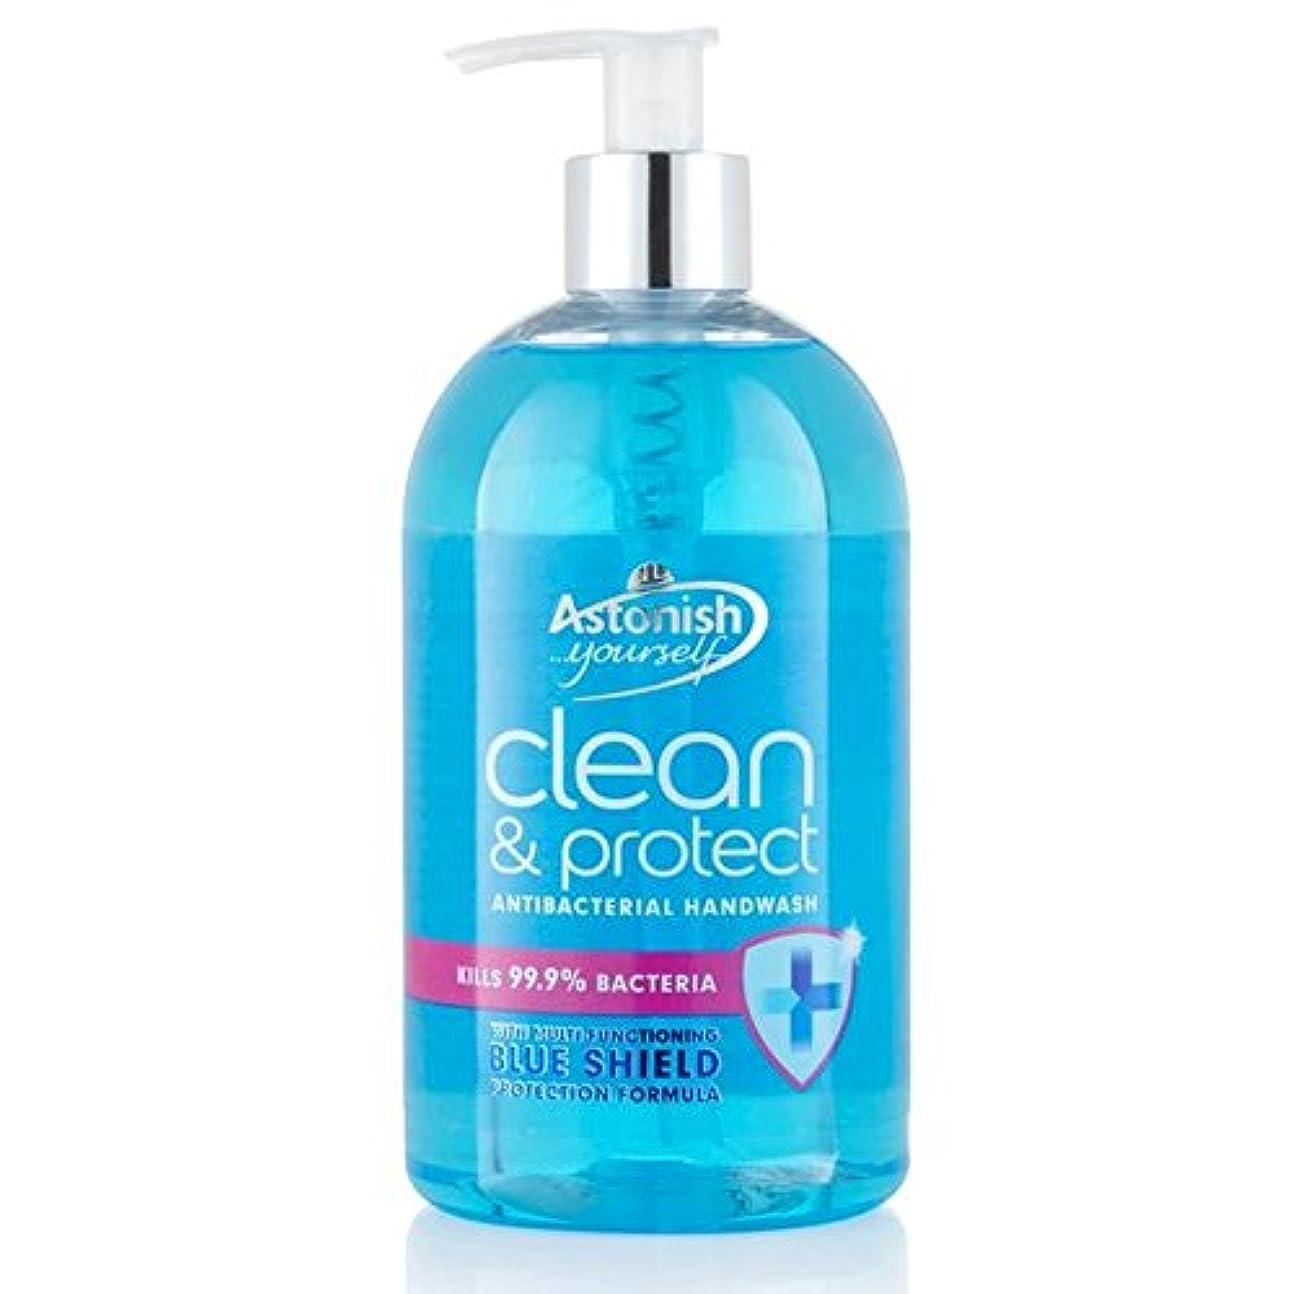 イサカインタビュー前奏曲クリーン驚か&ハンドウォッシュ500ミリリットルを保護 x4 - Astonish Clean & Protect Hand Wash 500ml (Pack of 4) [並行輸入品]